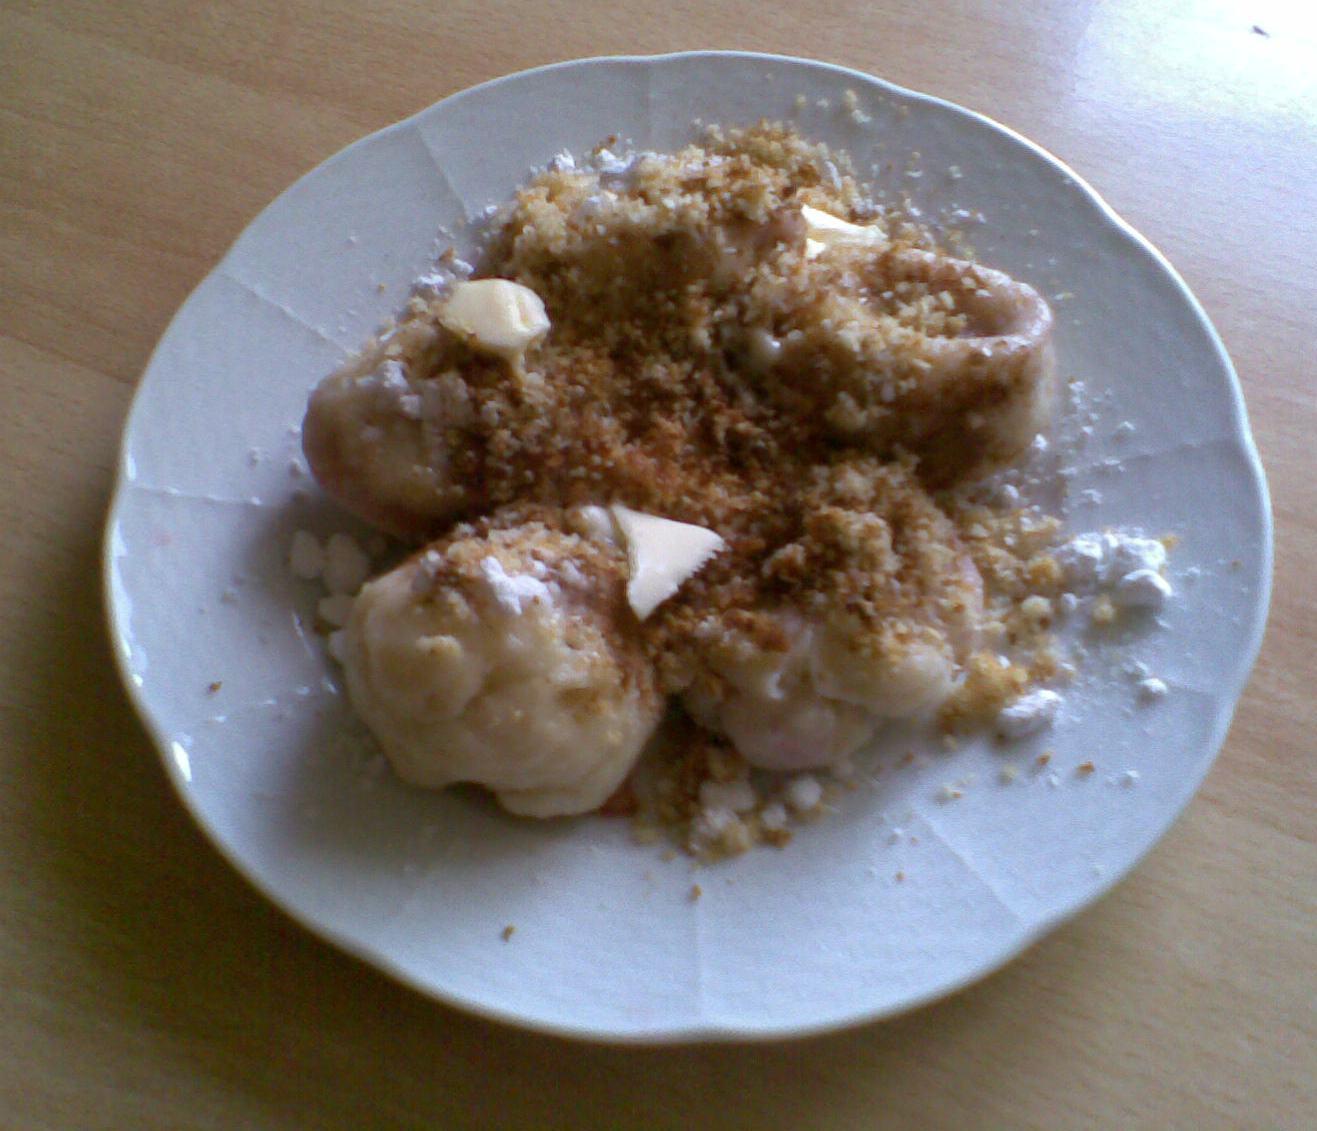 Recept Ovocné kynuté knedlíky bez vážení - Jahodové knedlíky sypané strouhankou, na poprvé se povedly.